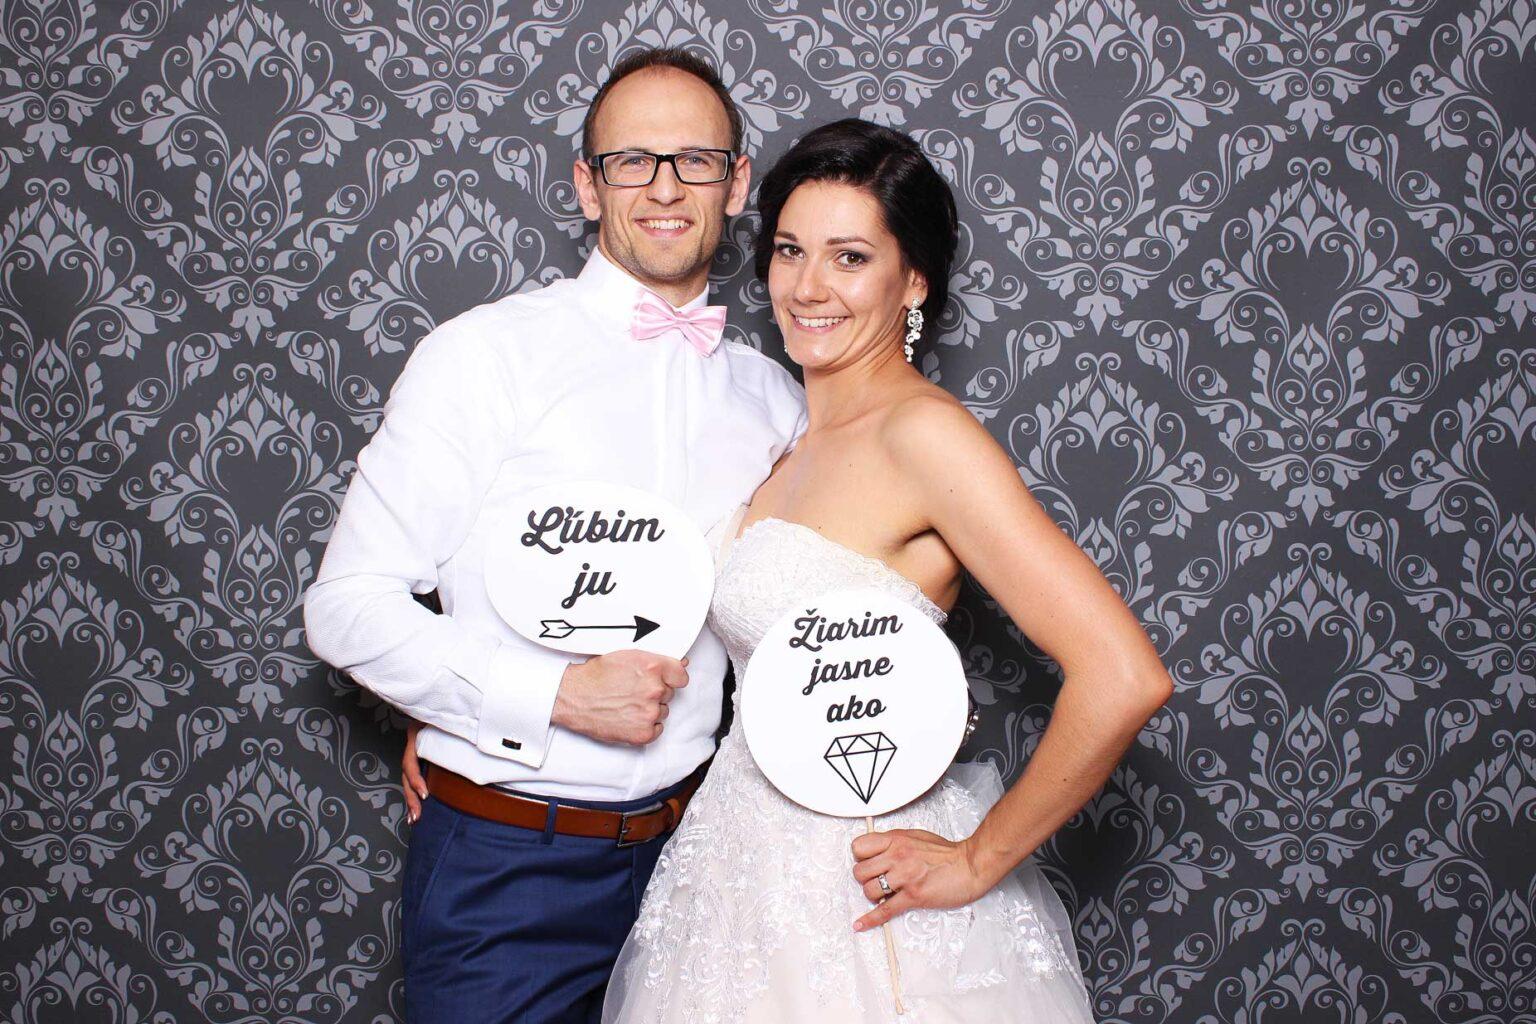 fotokutik na svadbu fotostena svadobne rekvizity FOTOKÚTIK.sk